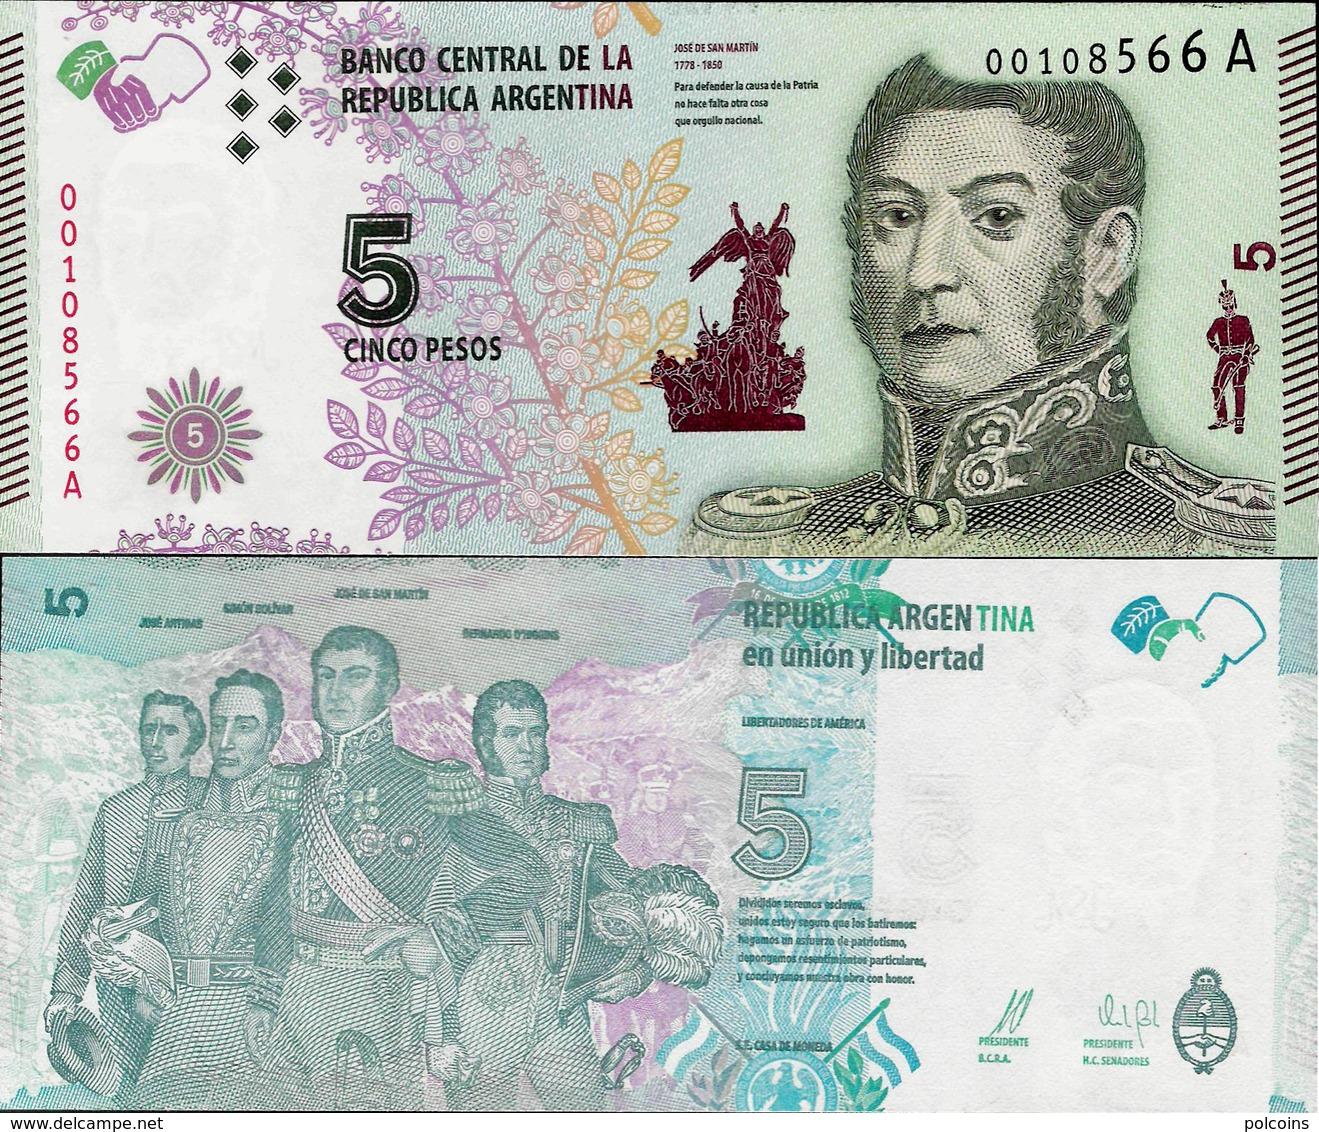 Argentina 2015 - 5 Pesos Pick 359 UNC New Design - Argentine